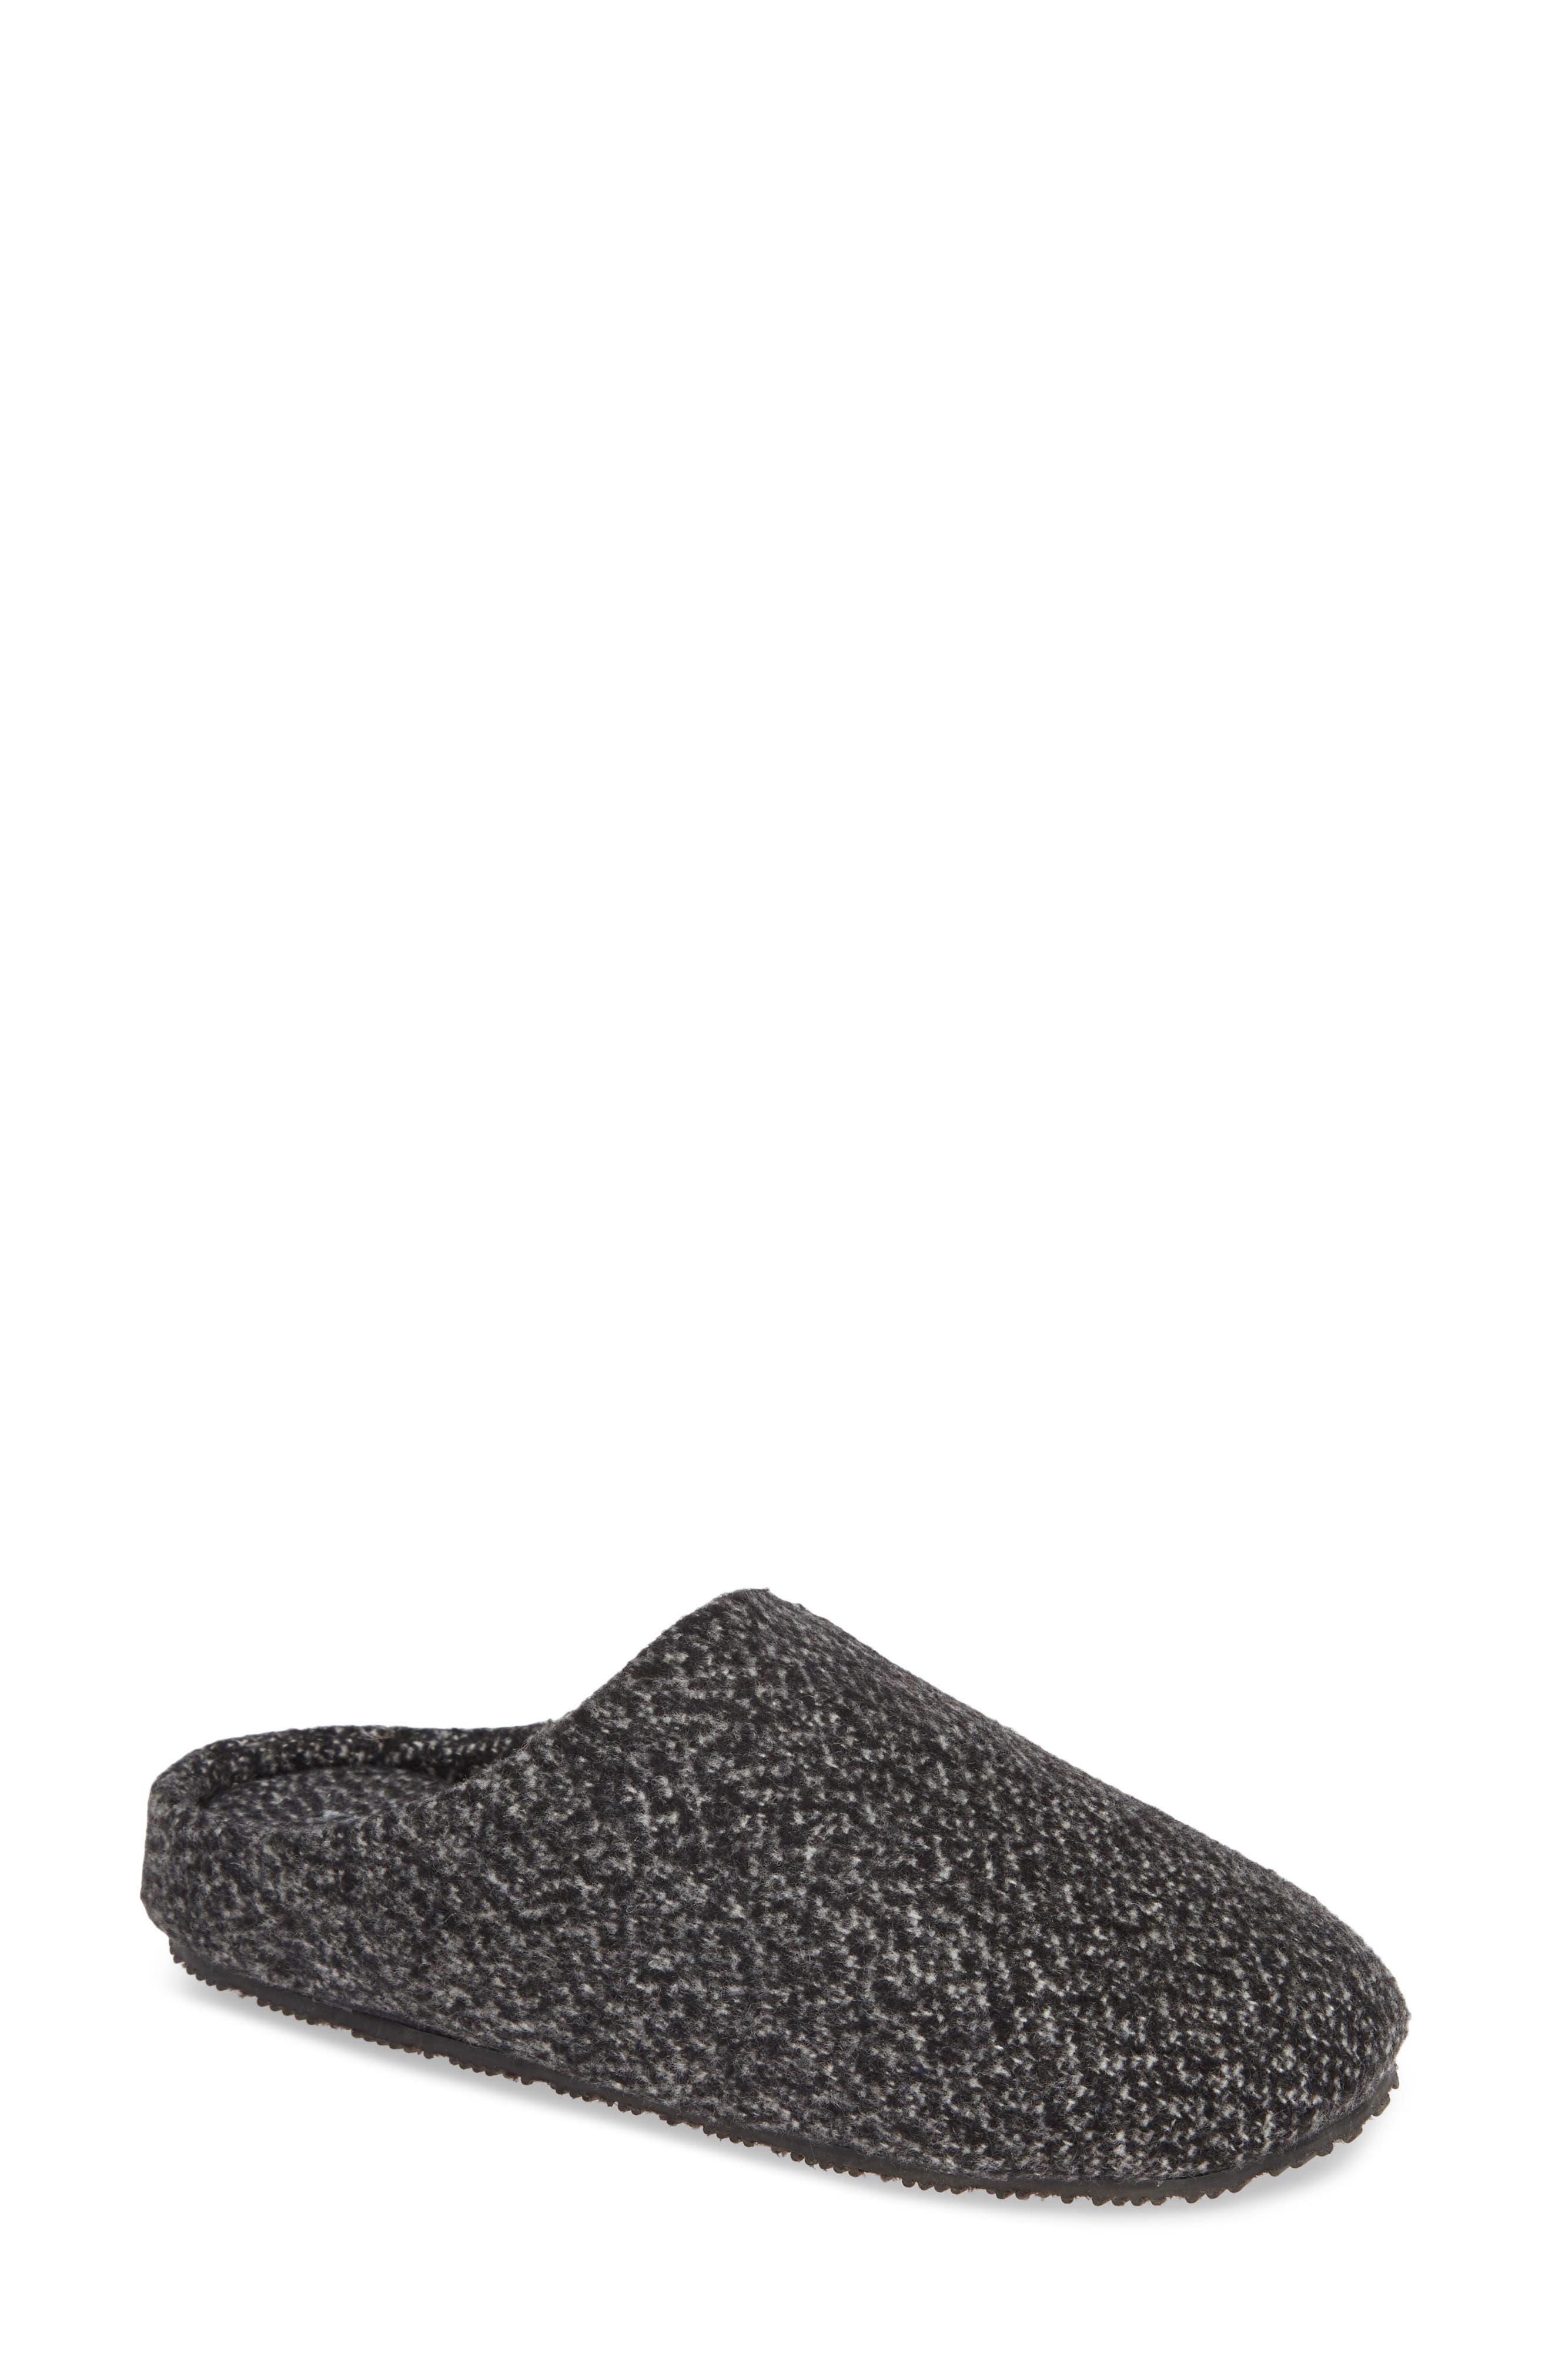 Tillie Memory Foam Slipper,                         Main,                         color, BLACK MULTI